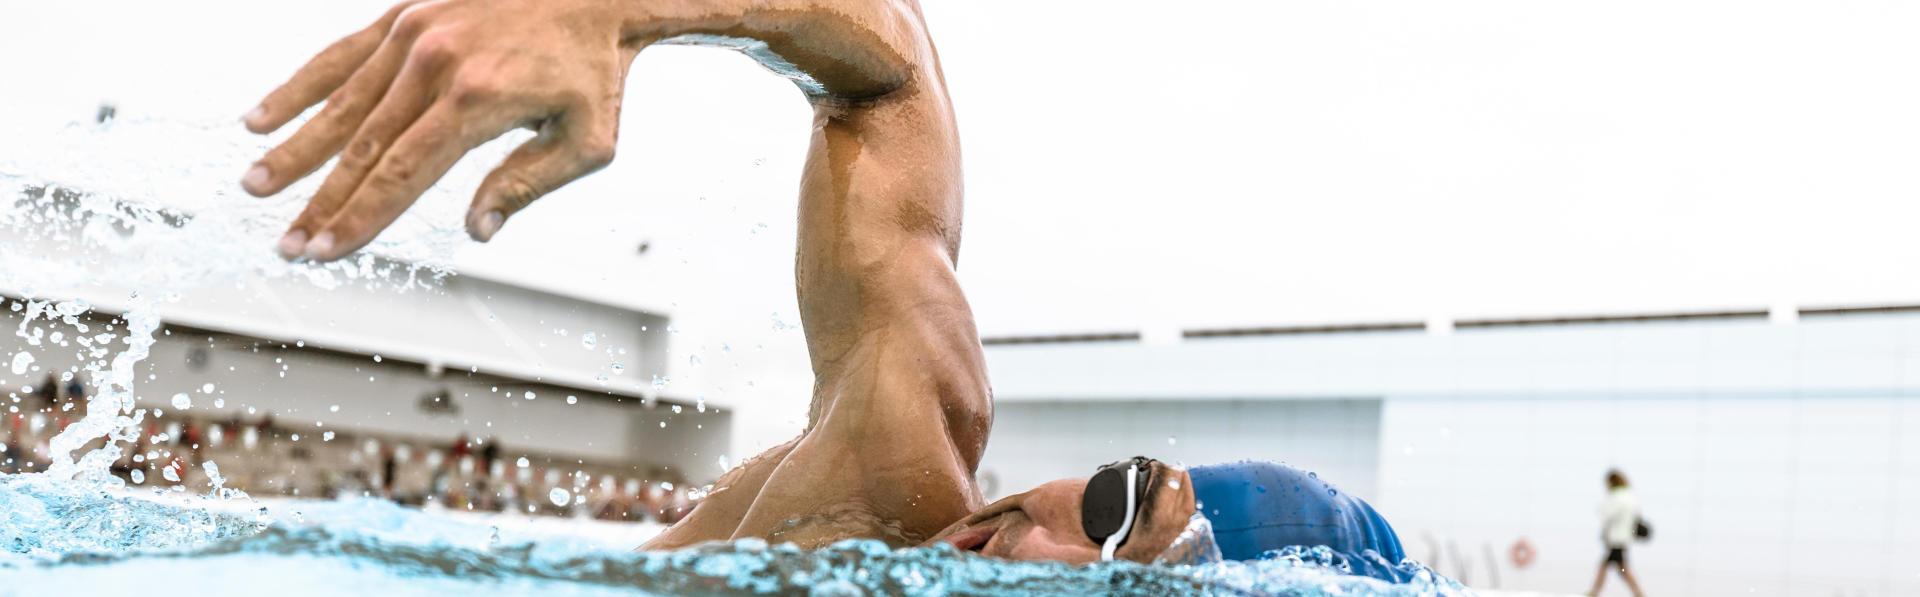 methode-natation-ti-3-etapes